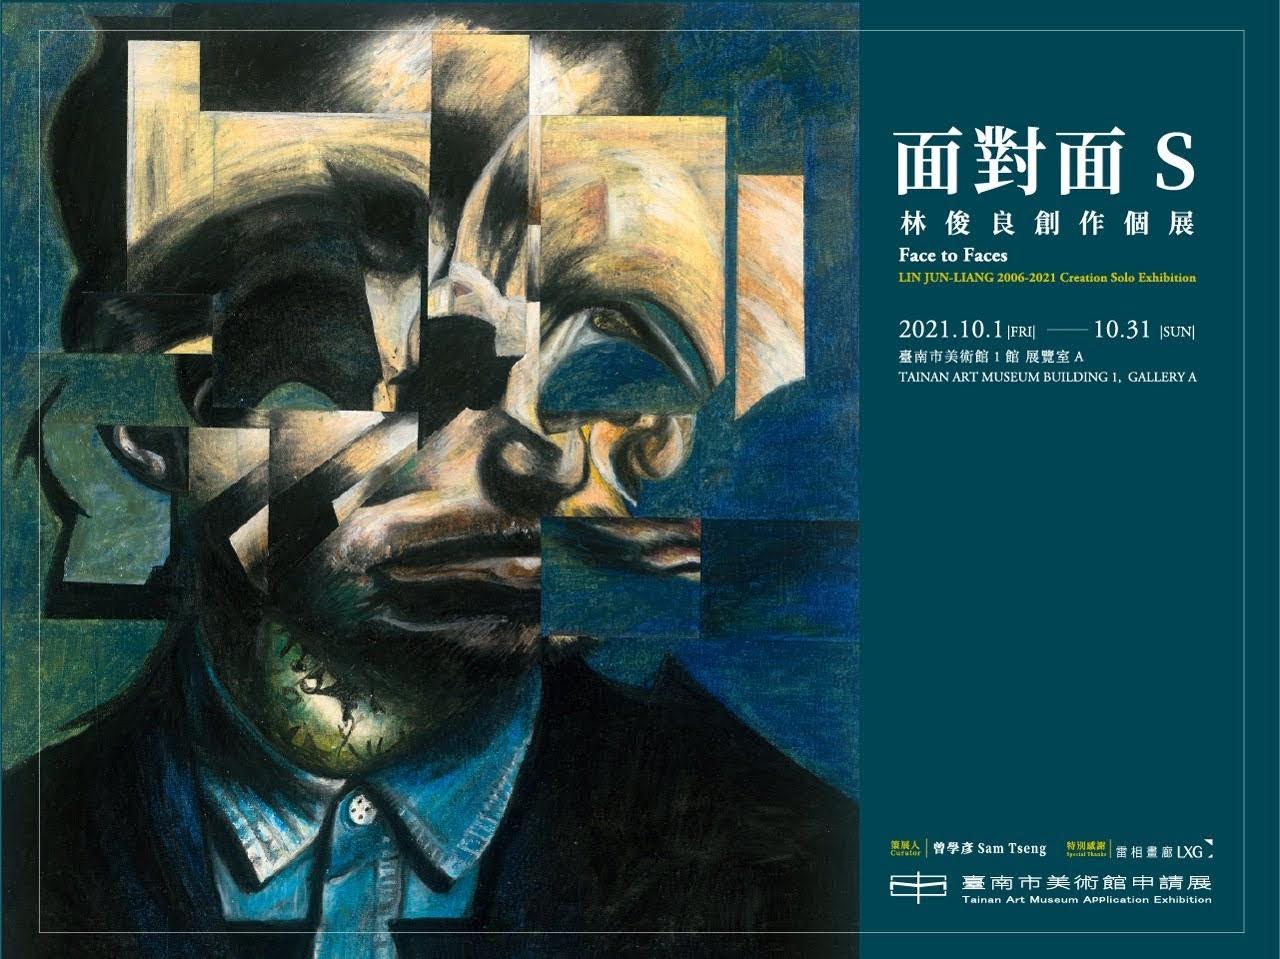 【面對面 S】林俊良個展 台南市美術館 活動